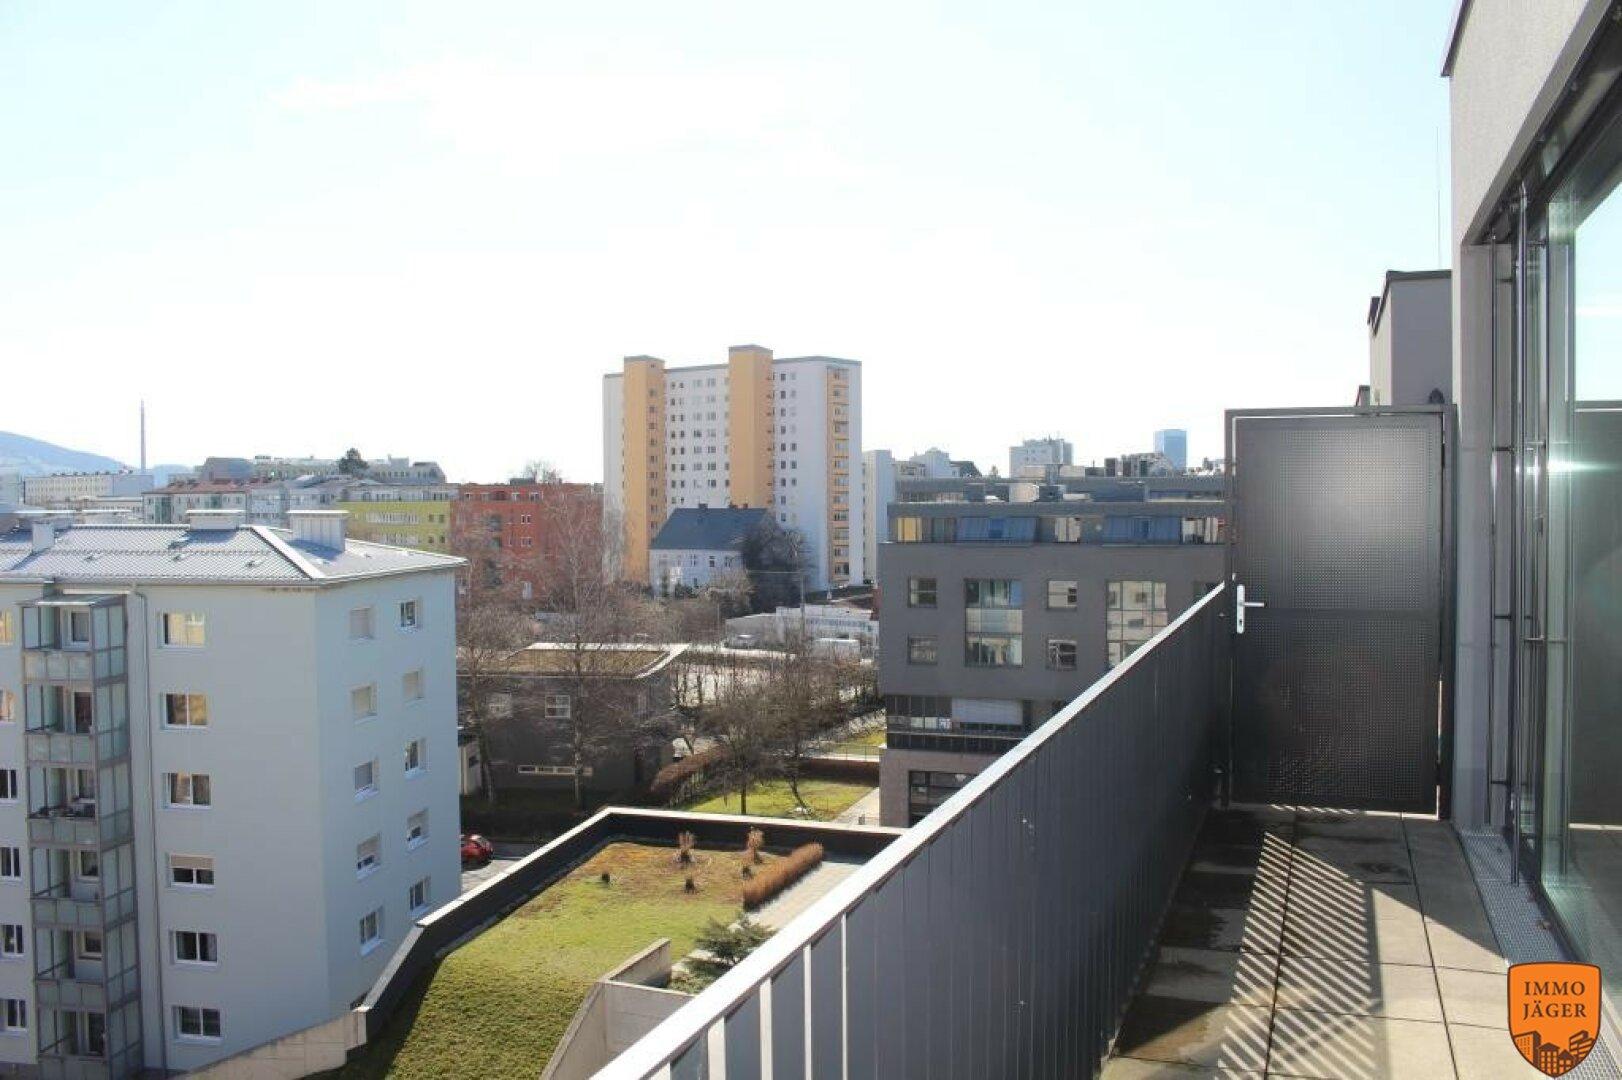 Terrasse und Aussicht